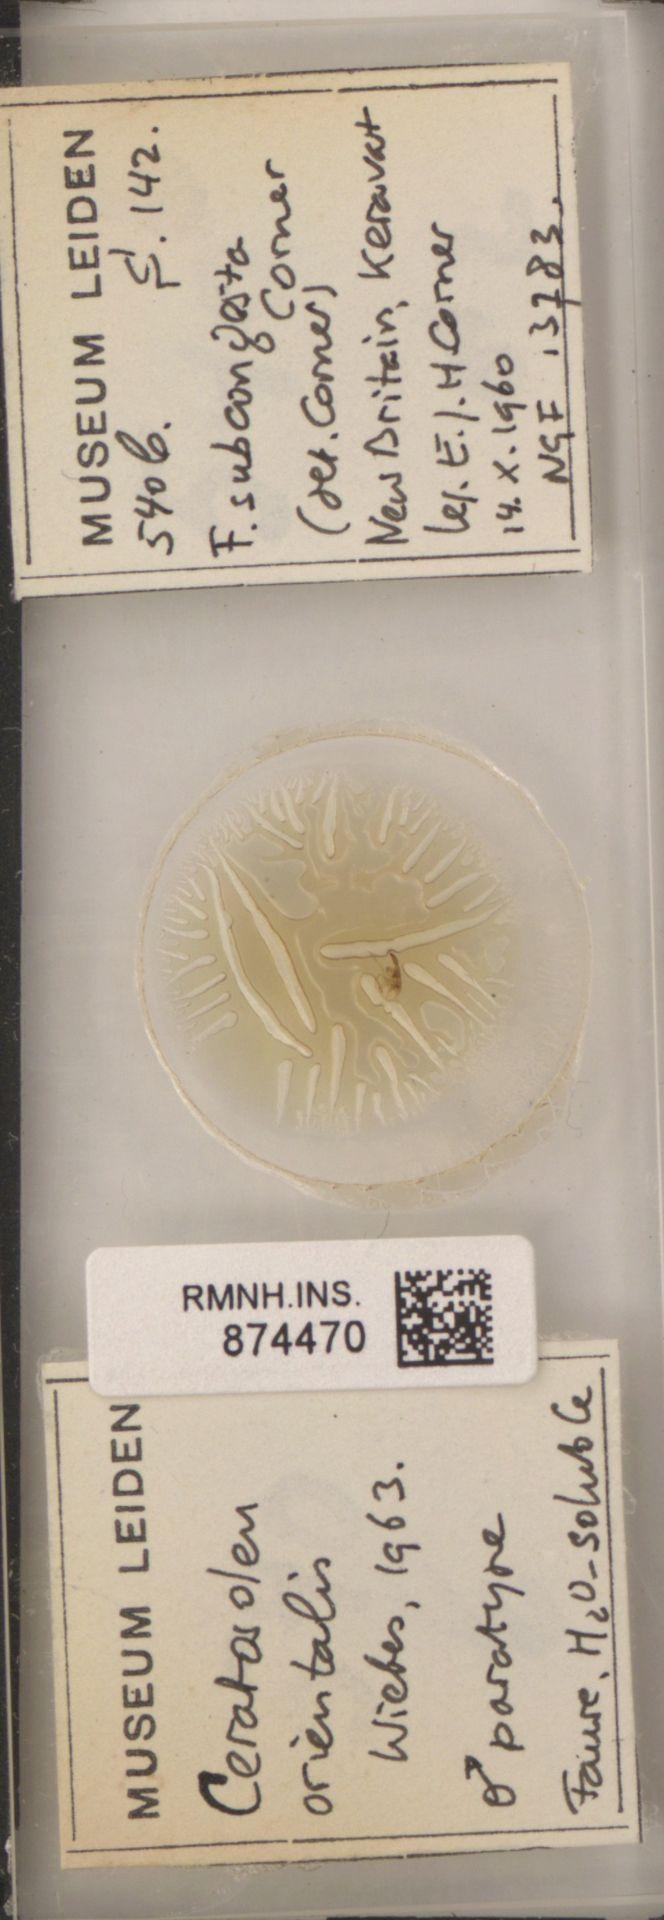 RMNH.INS.874470 | Ceratosolen orientalis Wiebes, 1963